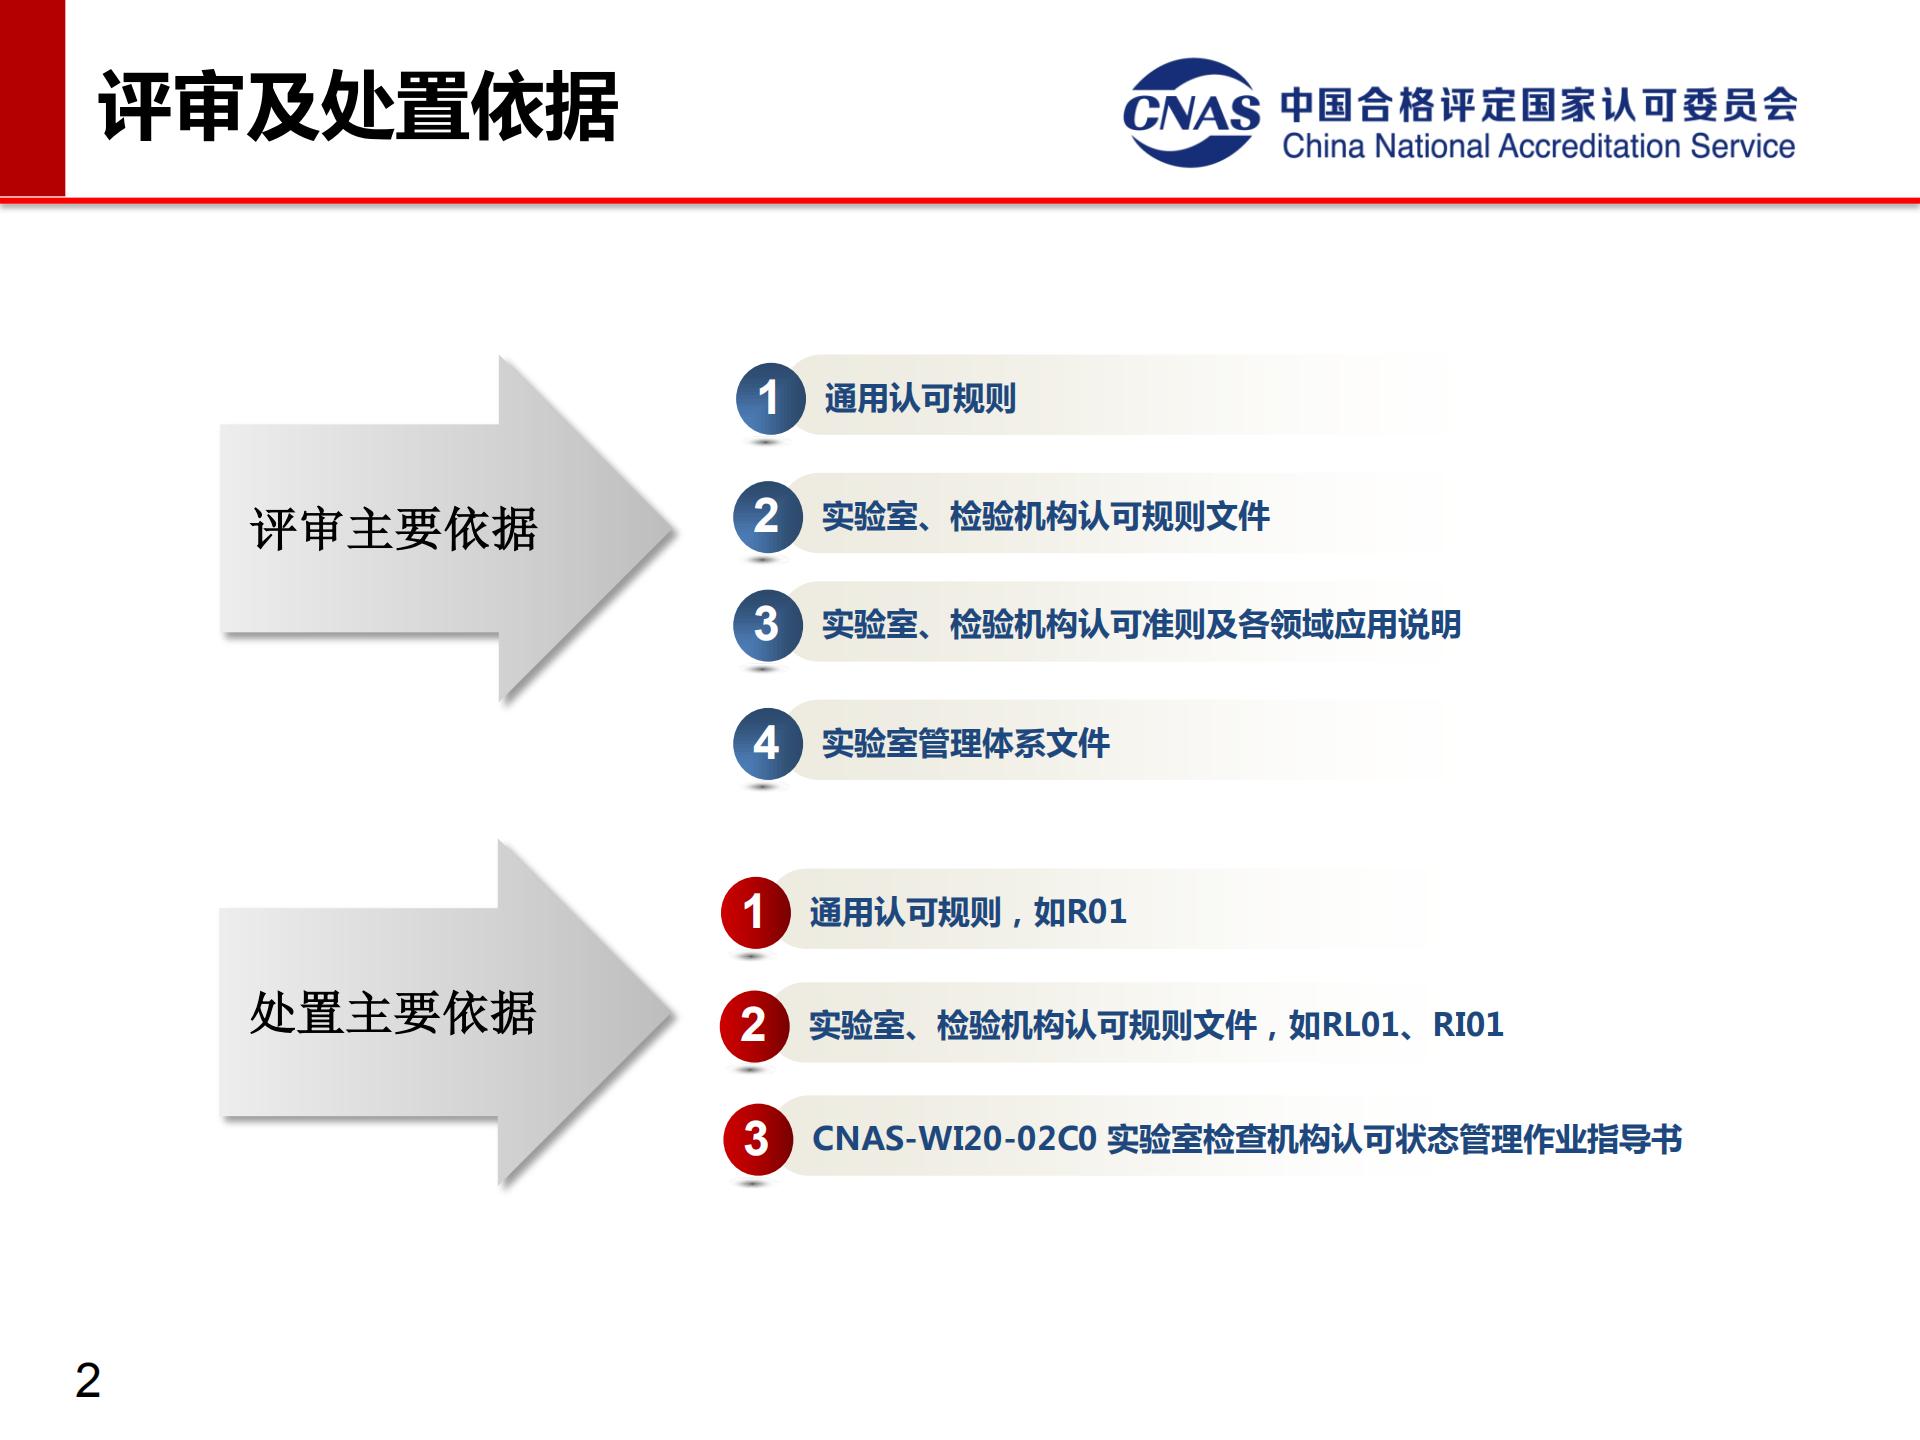 专项监督典型案例(发言人:认可七处 冯涛)_02.png